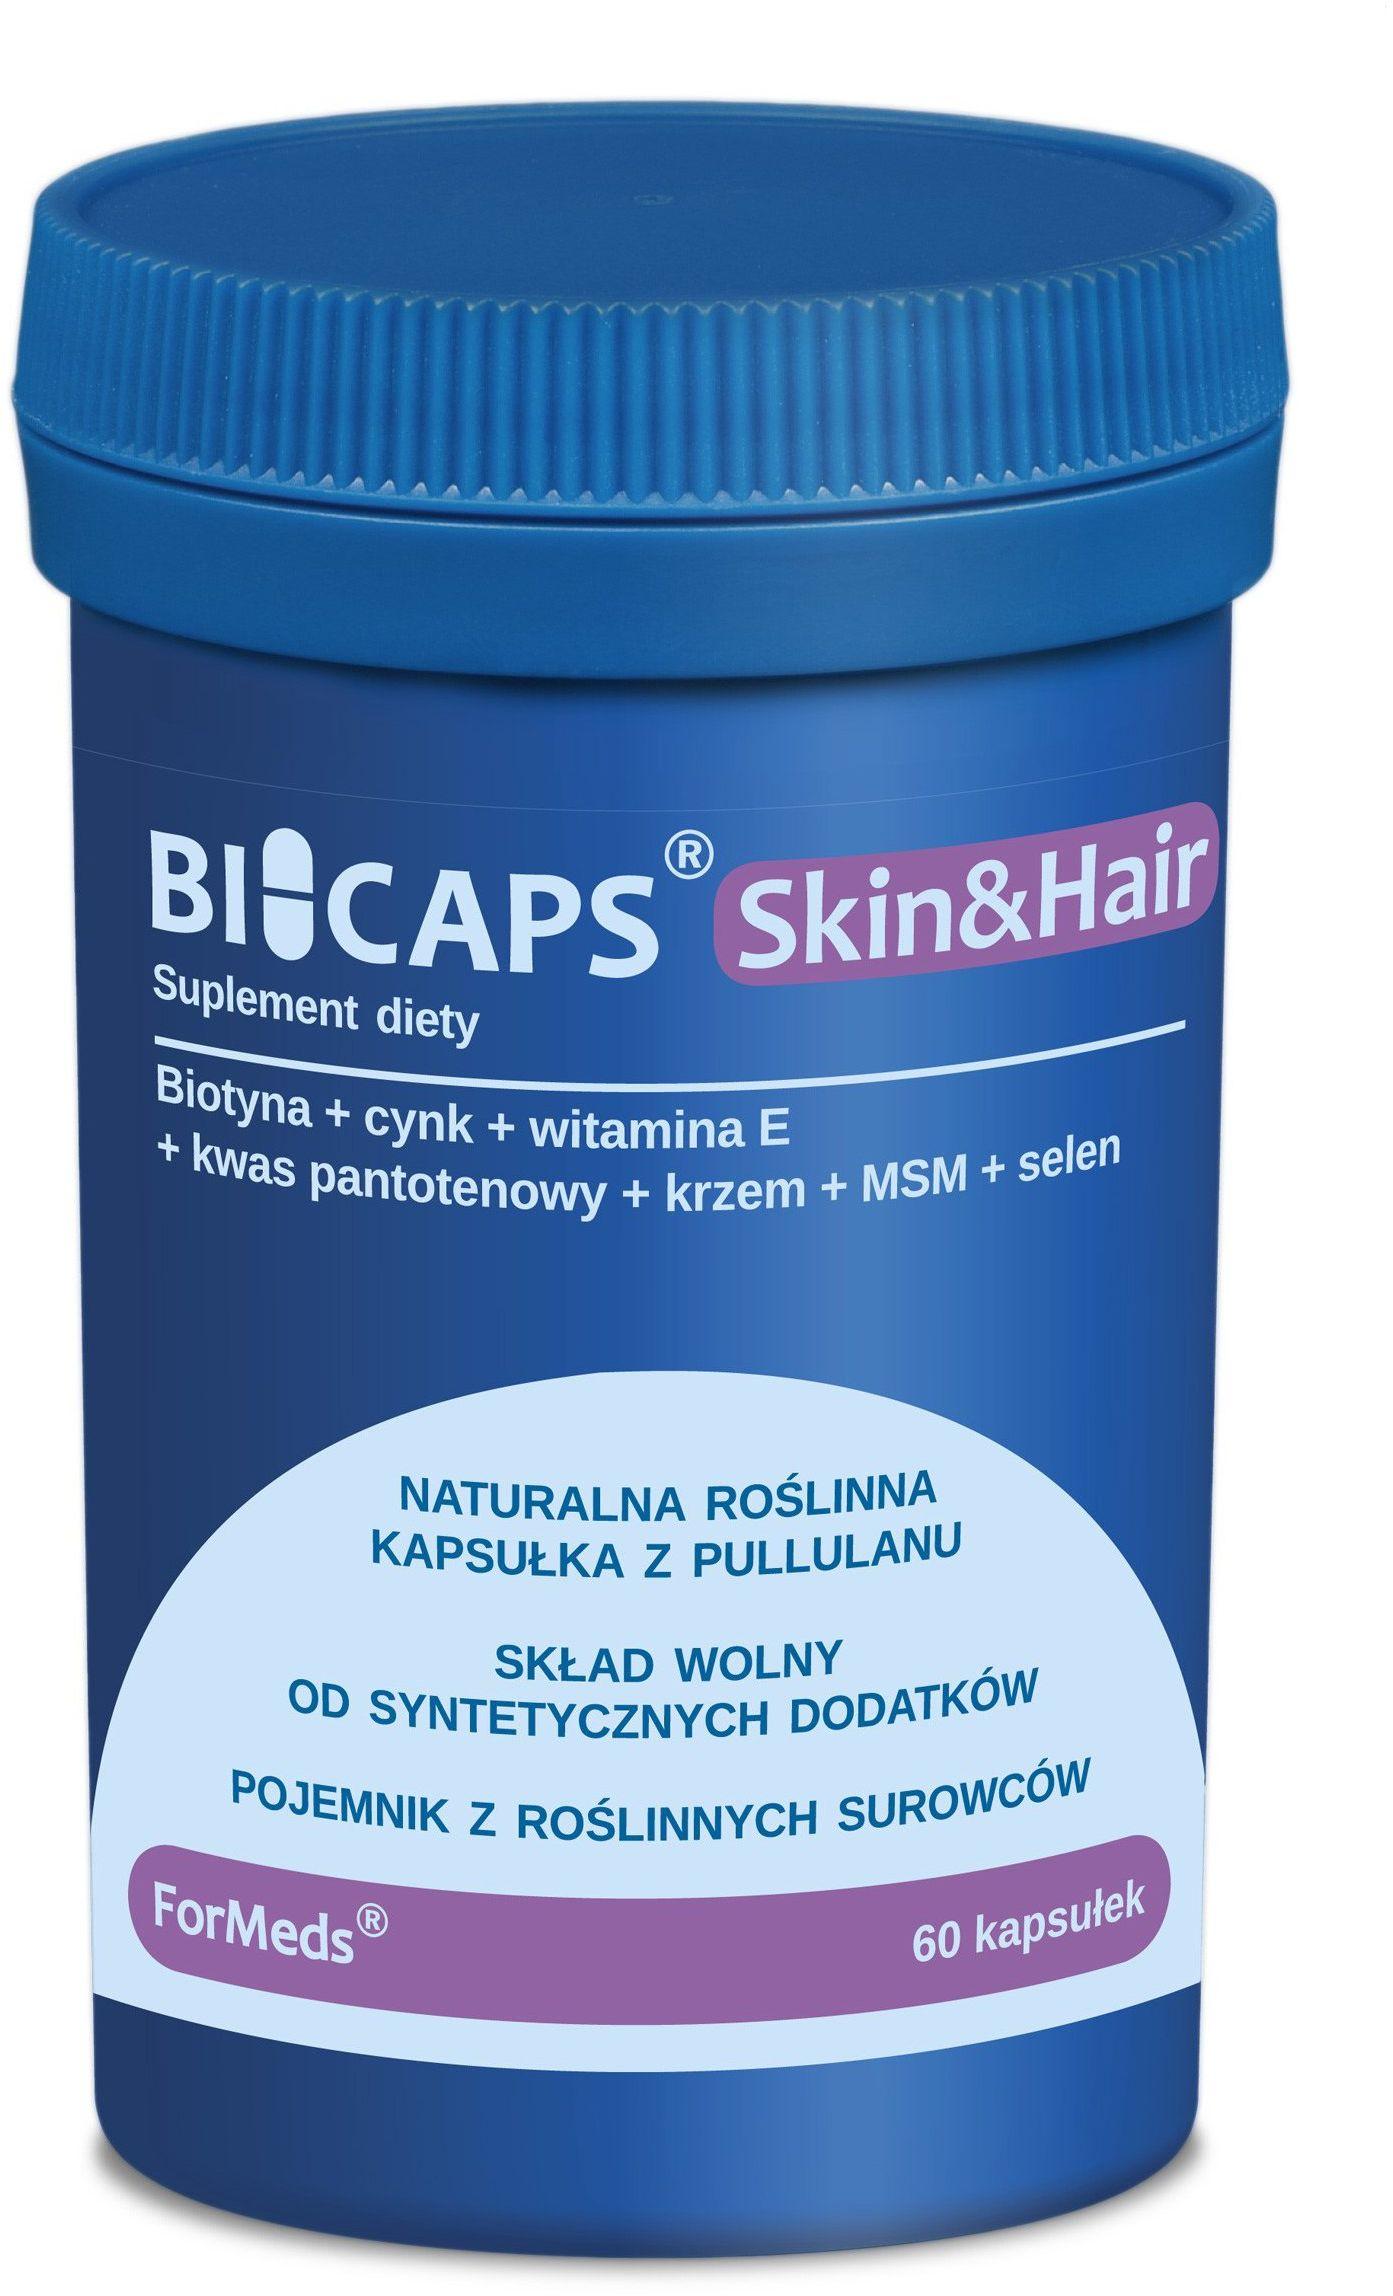 BICAPS Skin&Hair Włosy Skóra Paznokcie Biotyna + Cynk + Selen + MSM + Krzem + Witamina E (60 kaps) ForMeds